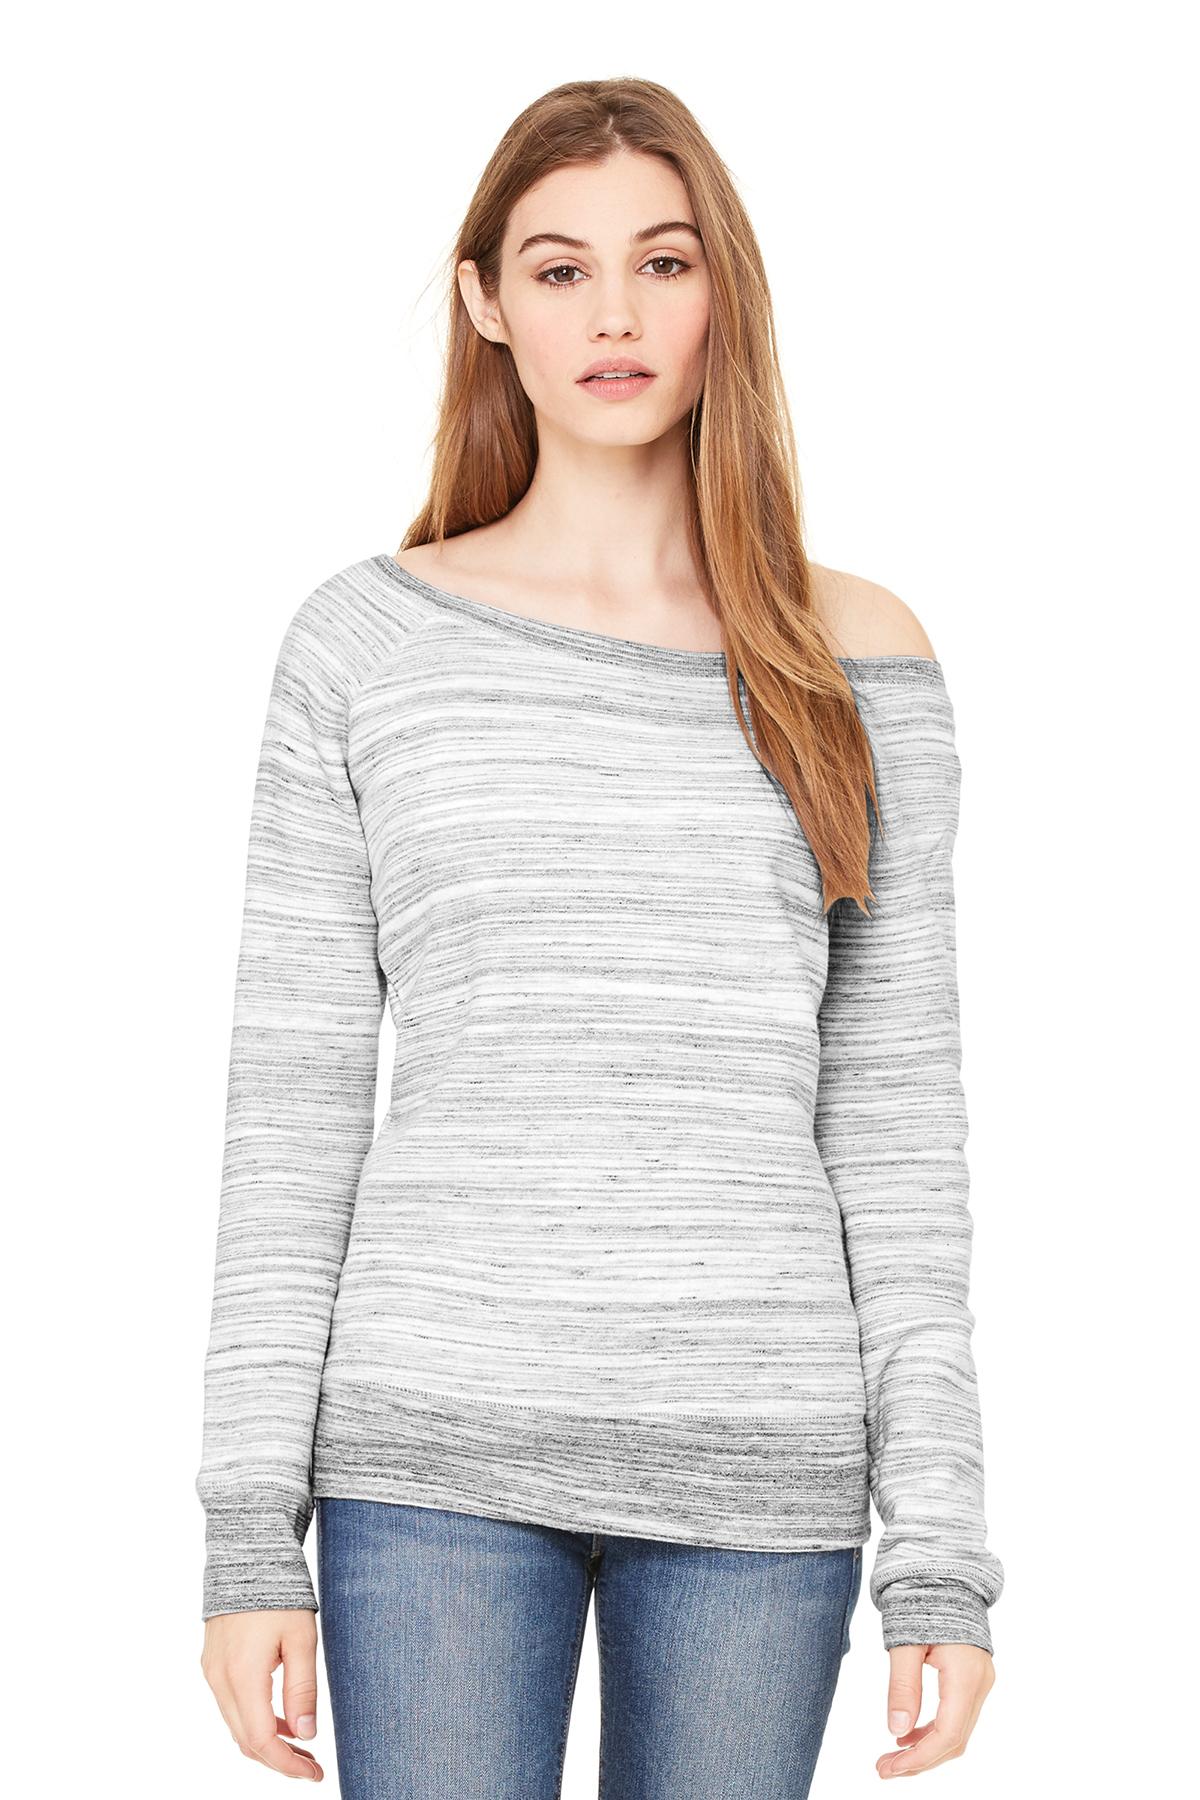 BELLA+CANVAS Women's Sponge Fleece Wide-Neck Sweatshirt